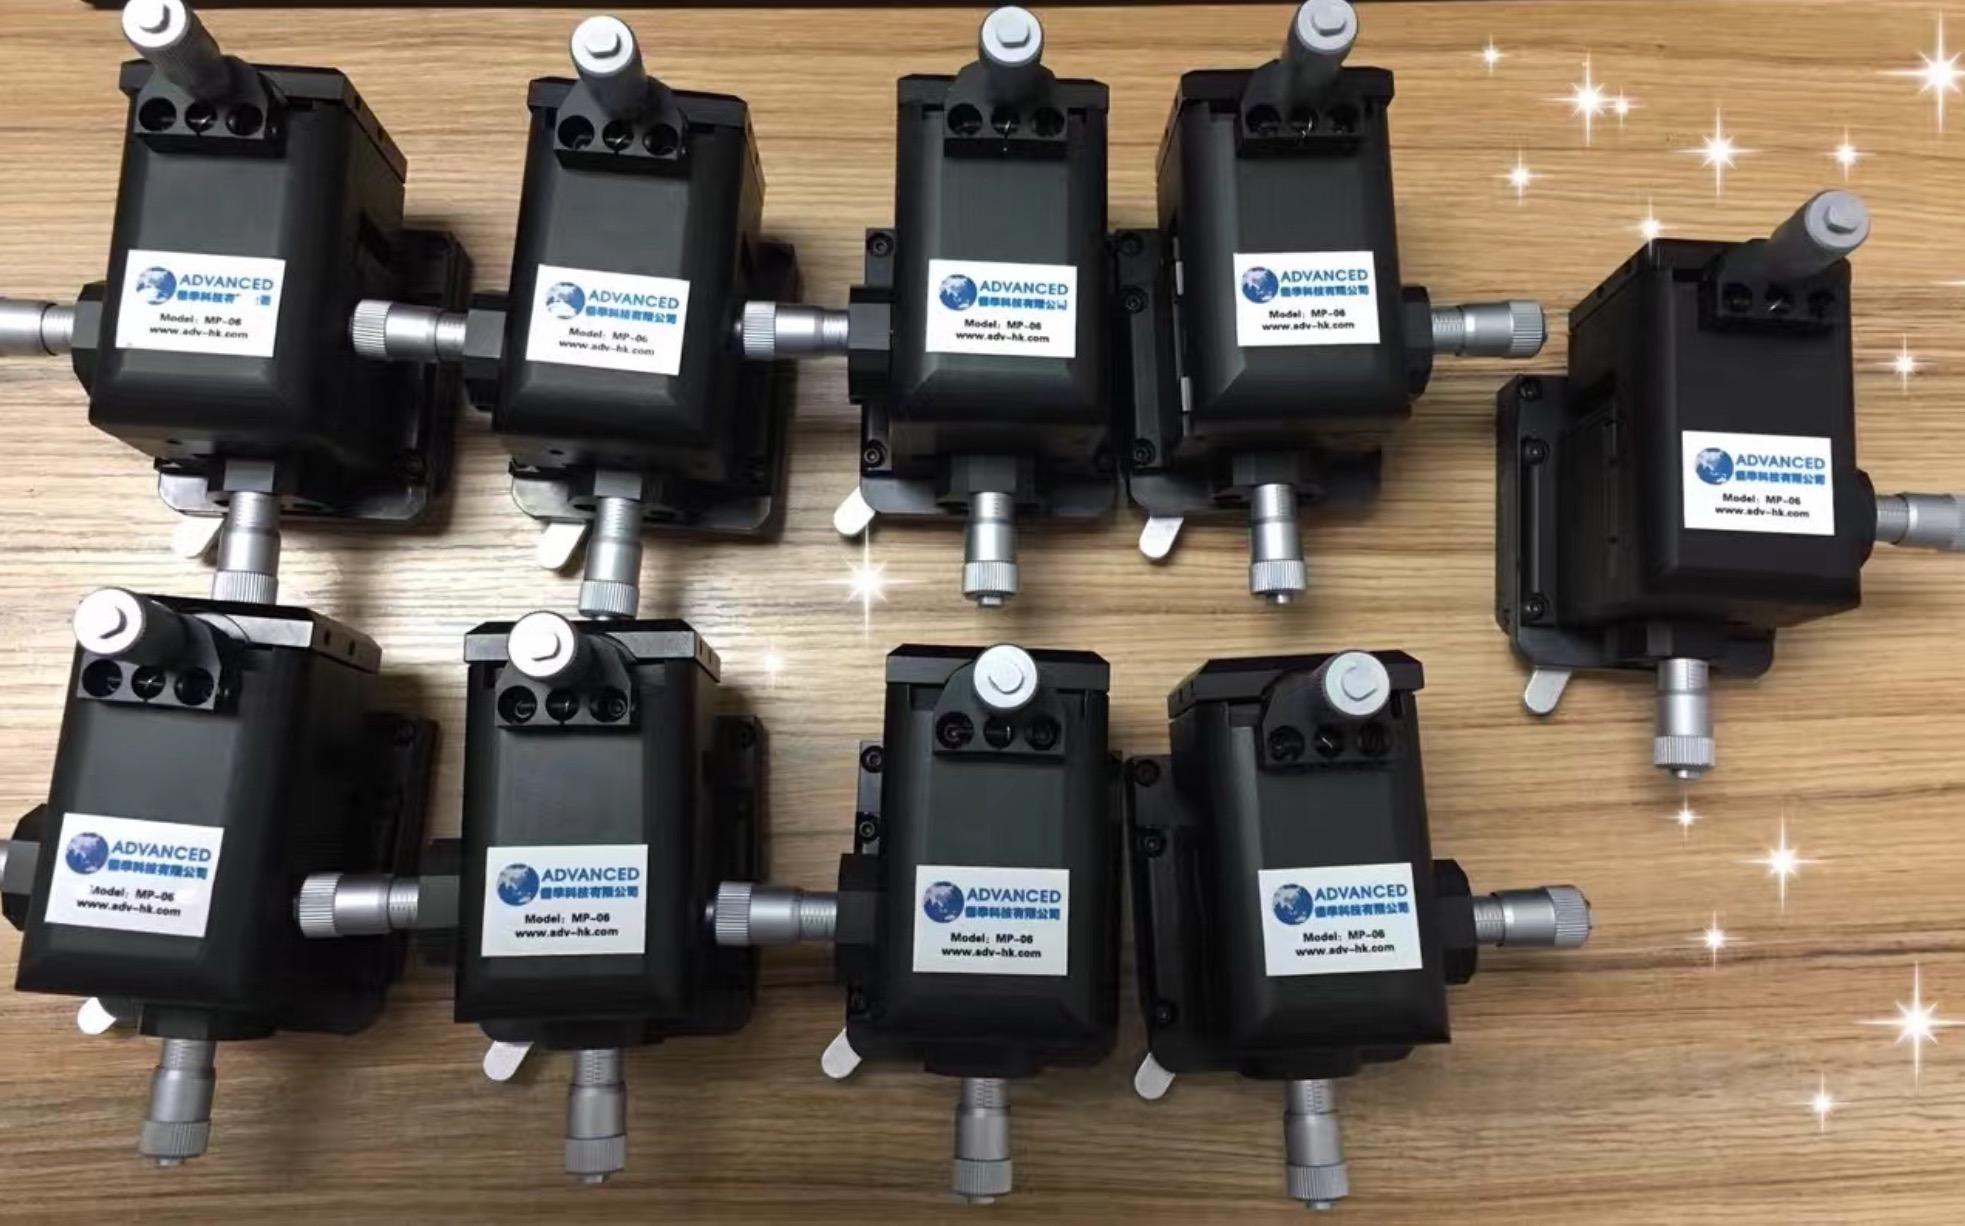 探针台配件微调节台探针针座针杆转接头探针台耗材